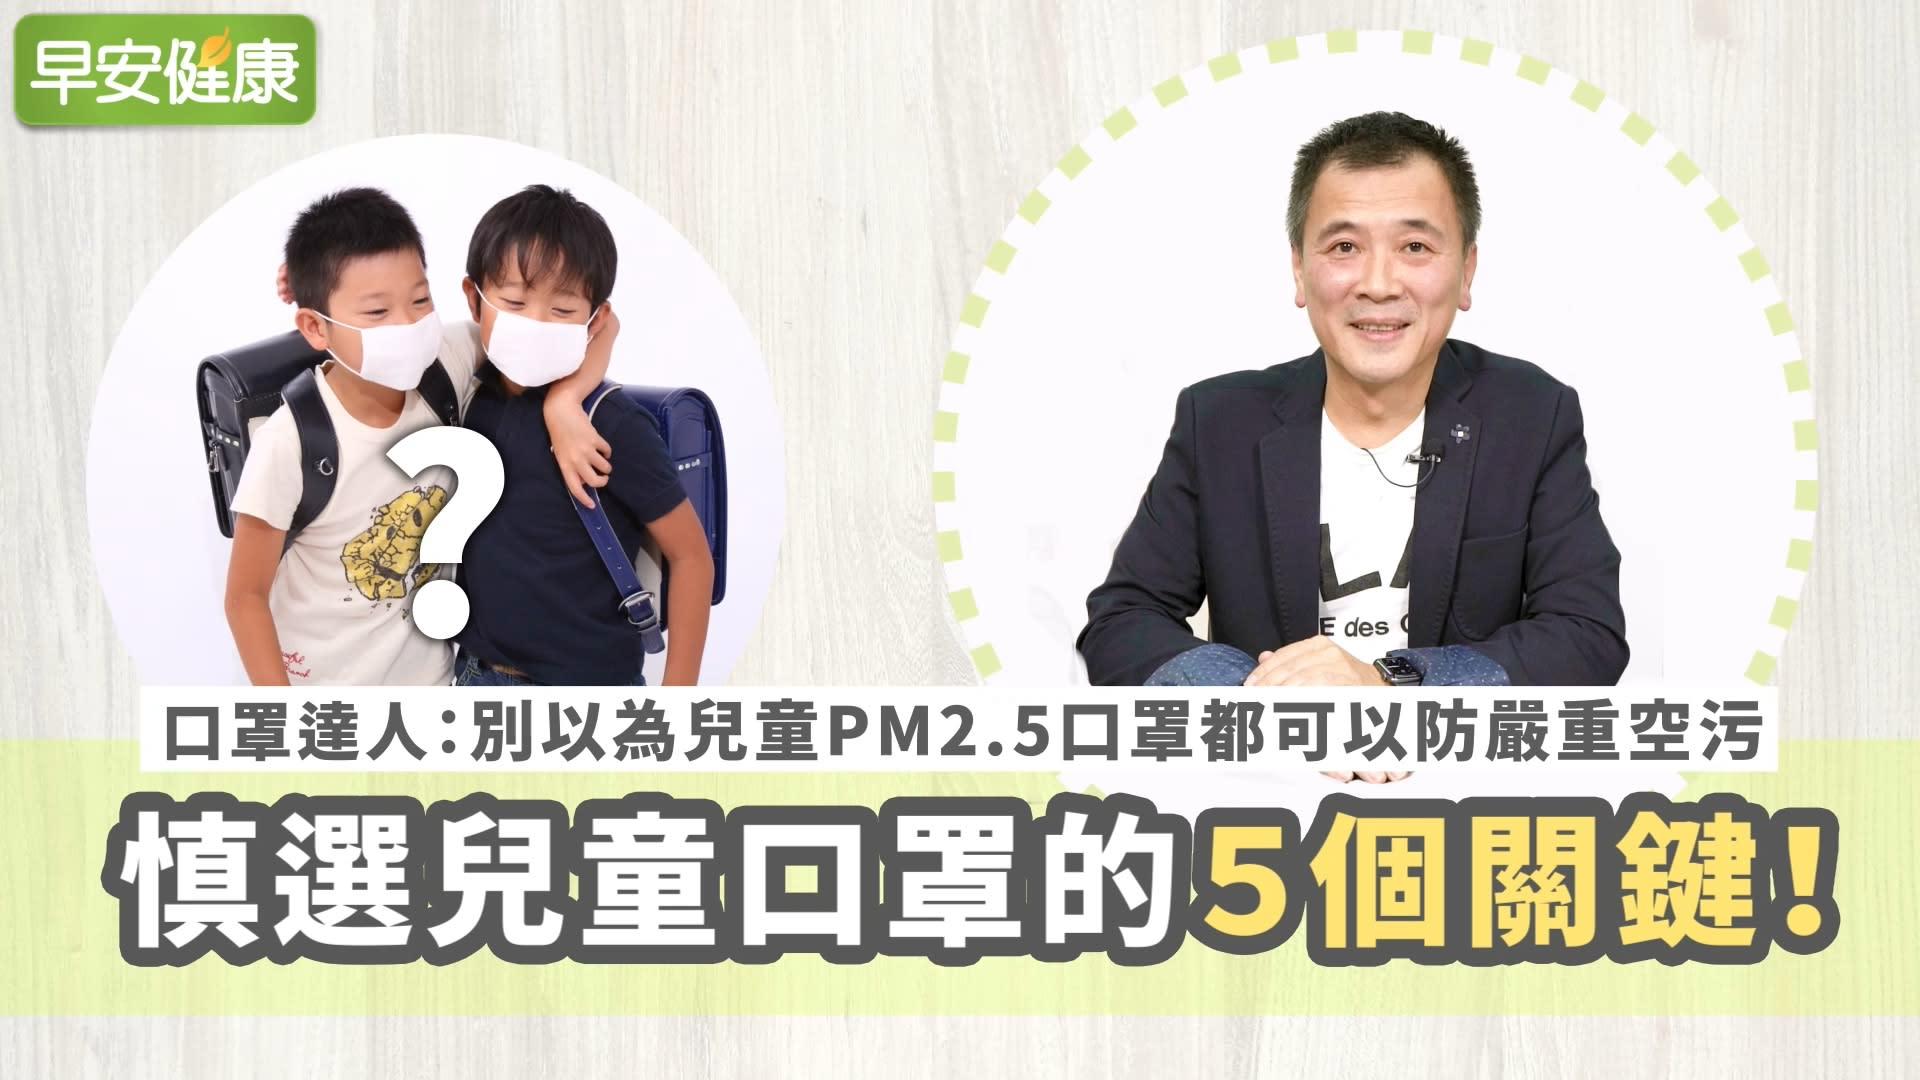 口罩達人:別以為兒童PM2.5口罩都可以防嚴重空污!慎選兒童口罩的5個關鍵!【早安健康】